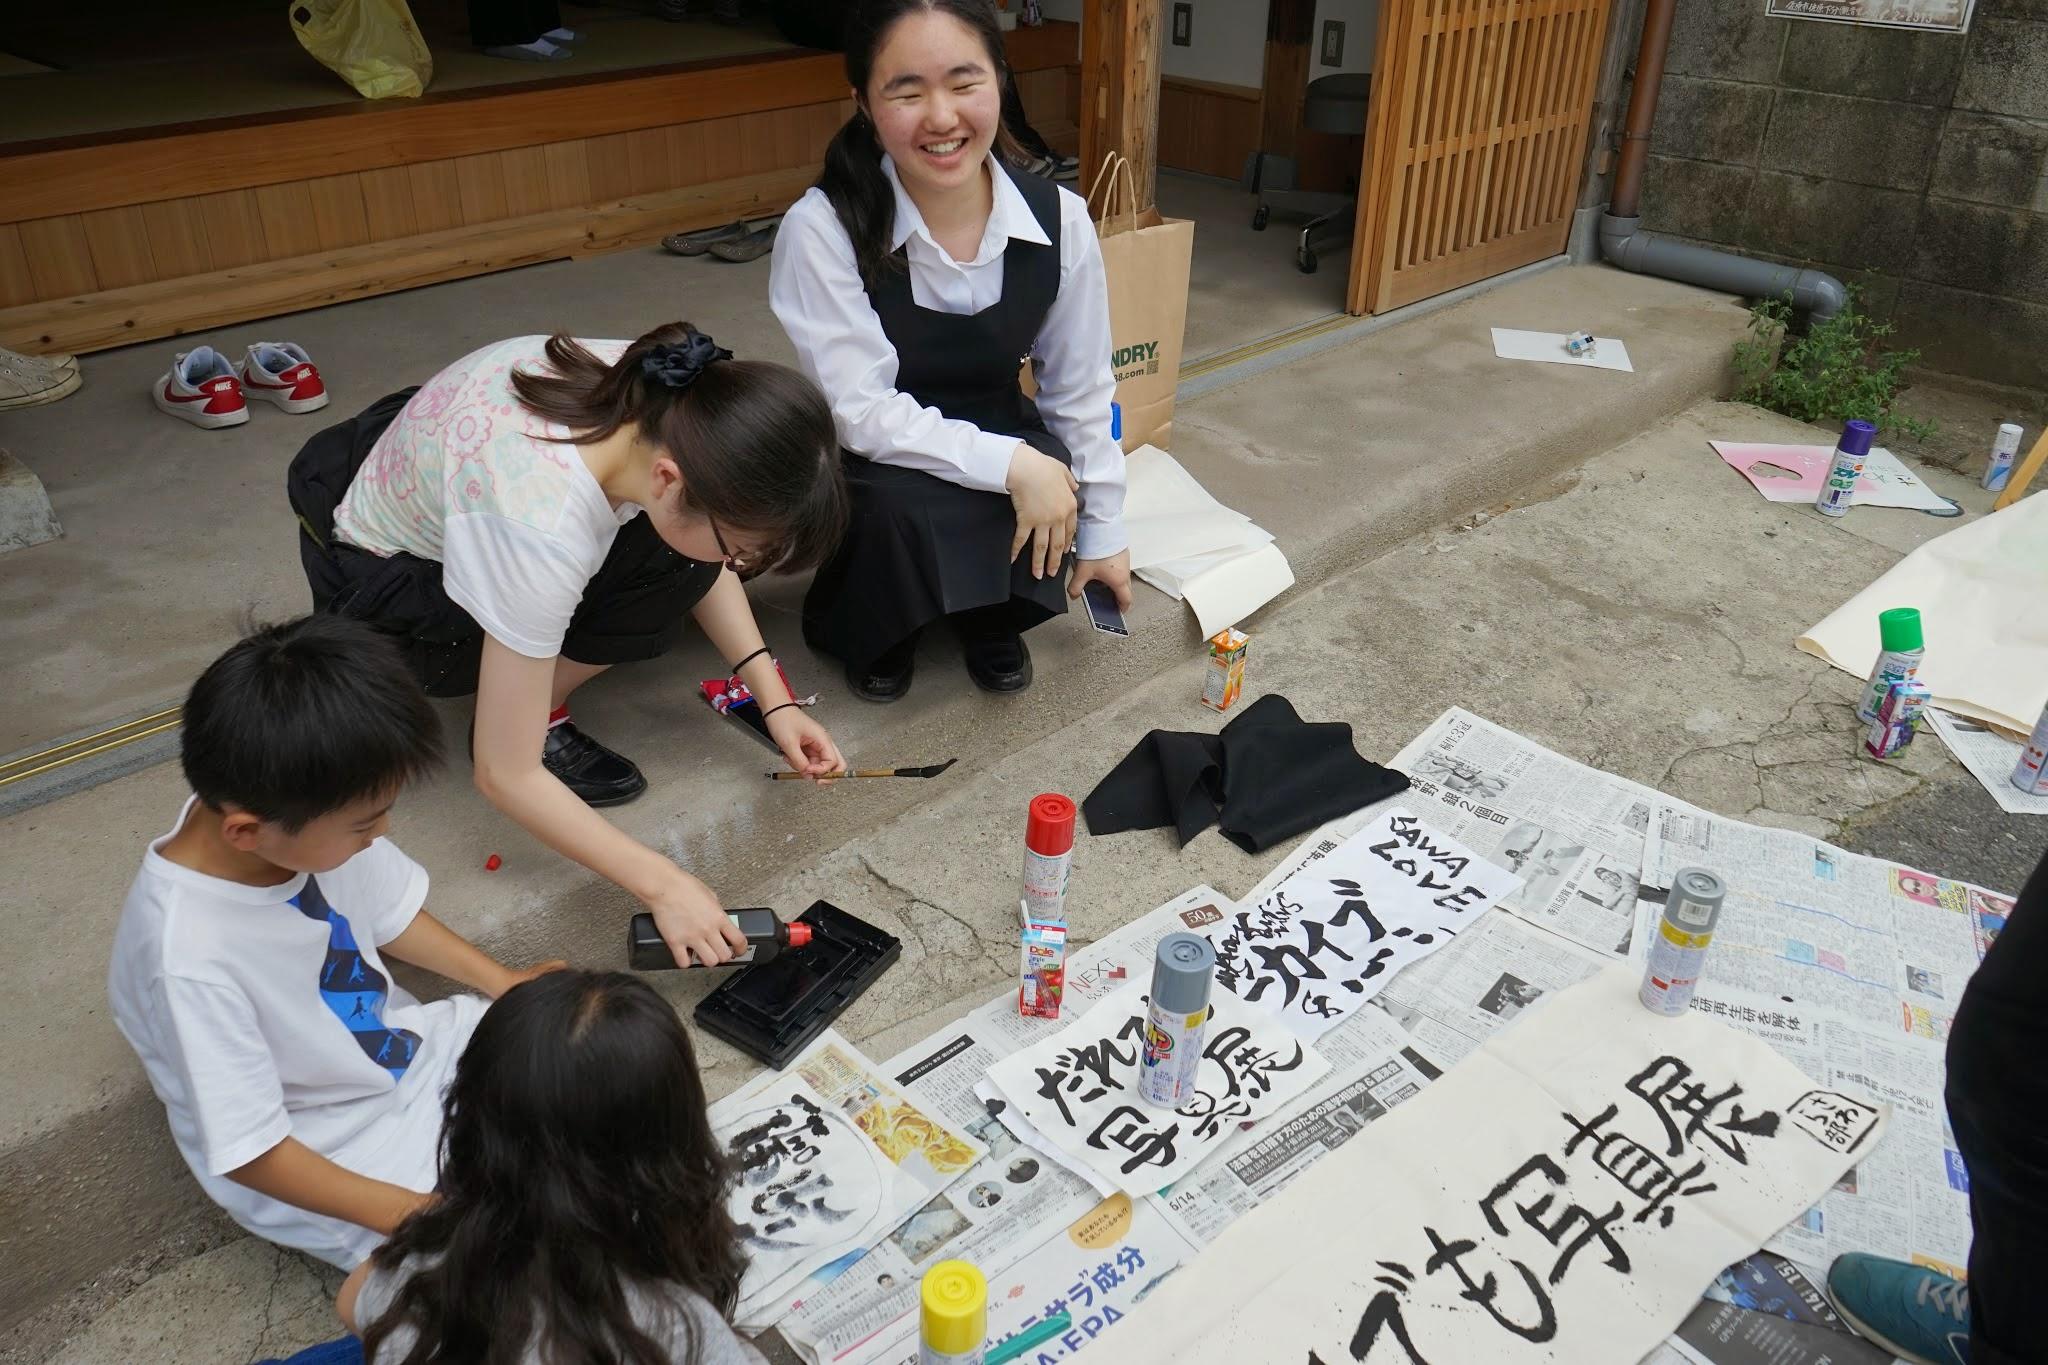 http://ud.t.u-tokyo.ac.jp/blog/_images/DSC03857.JPG